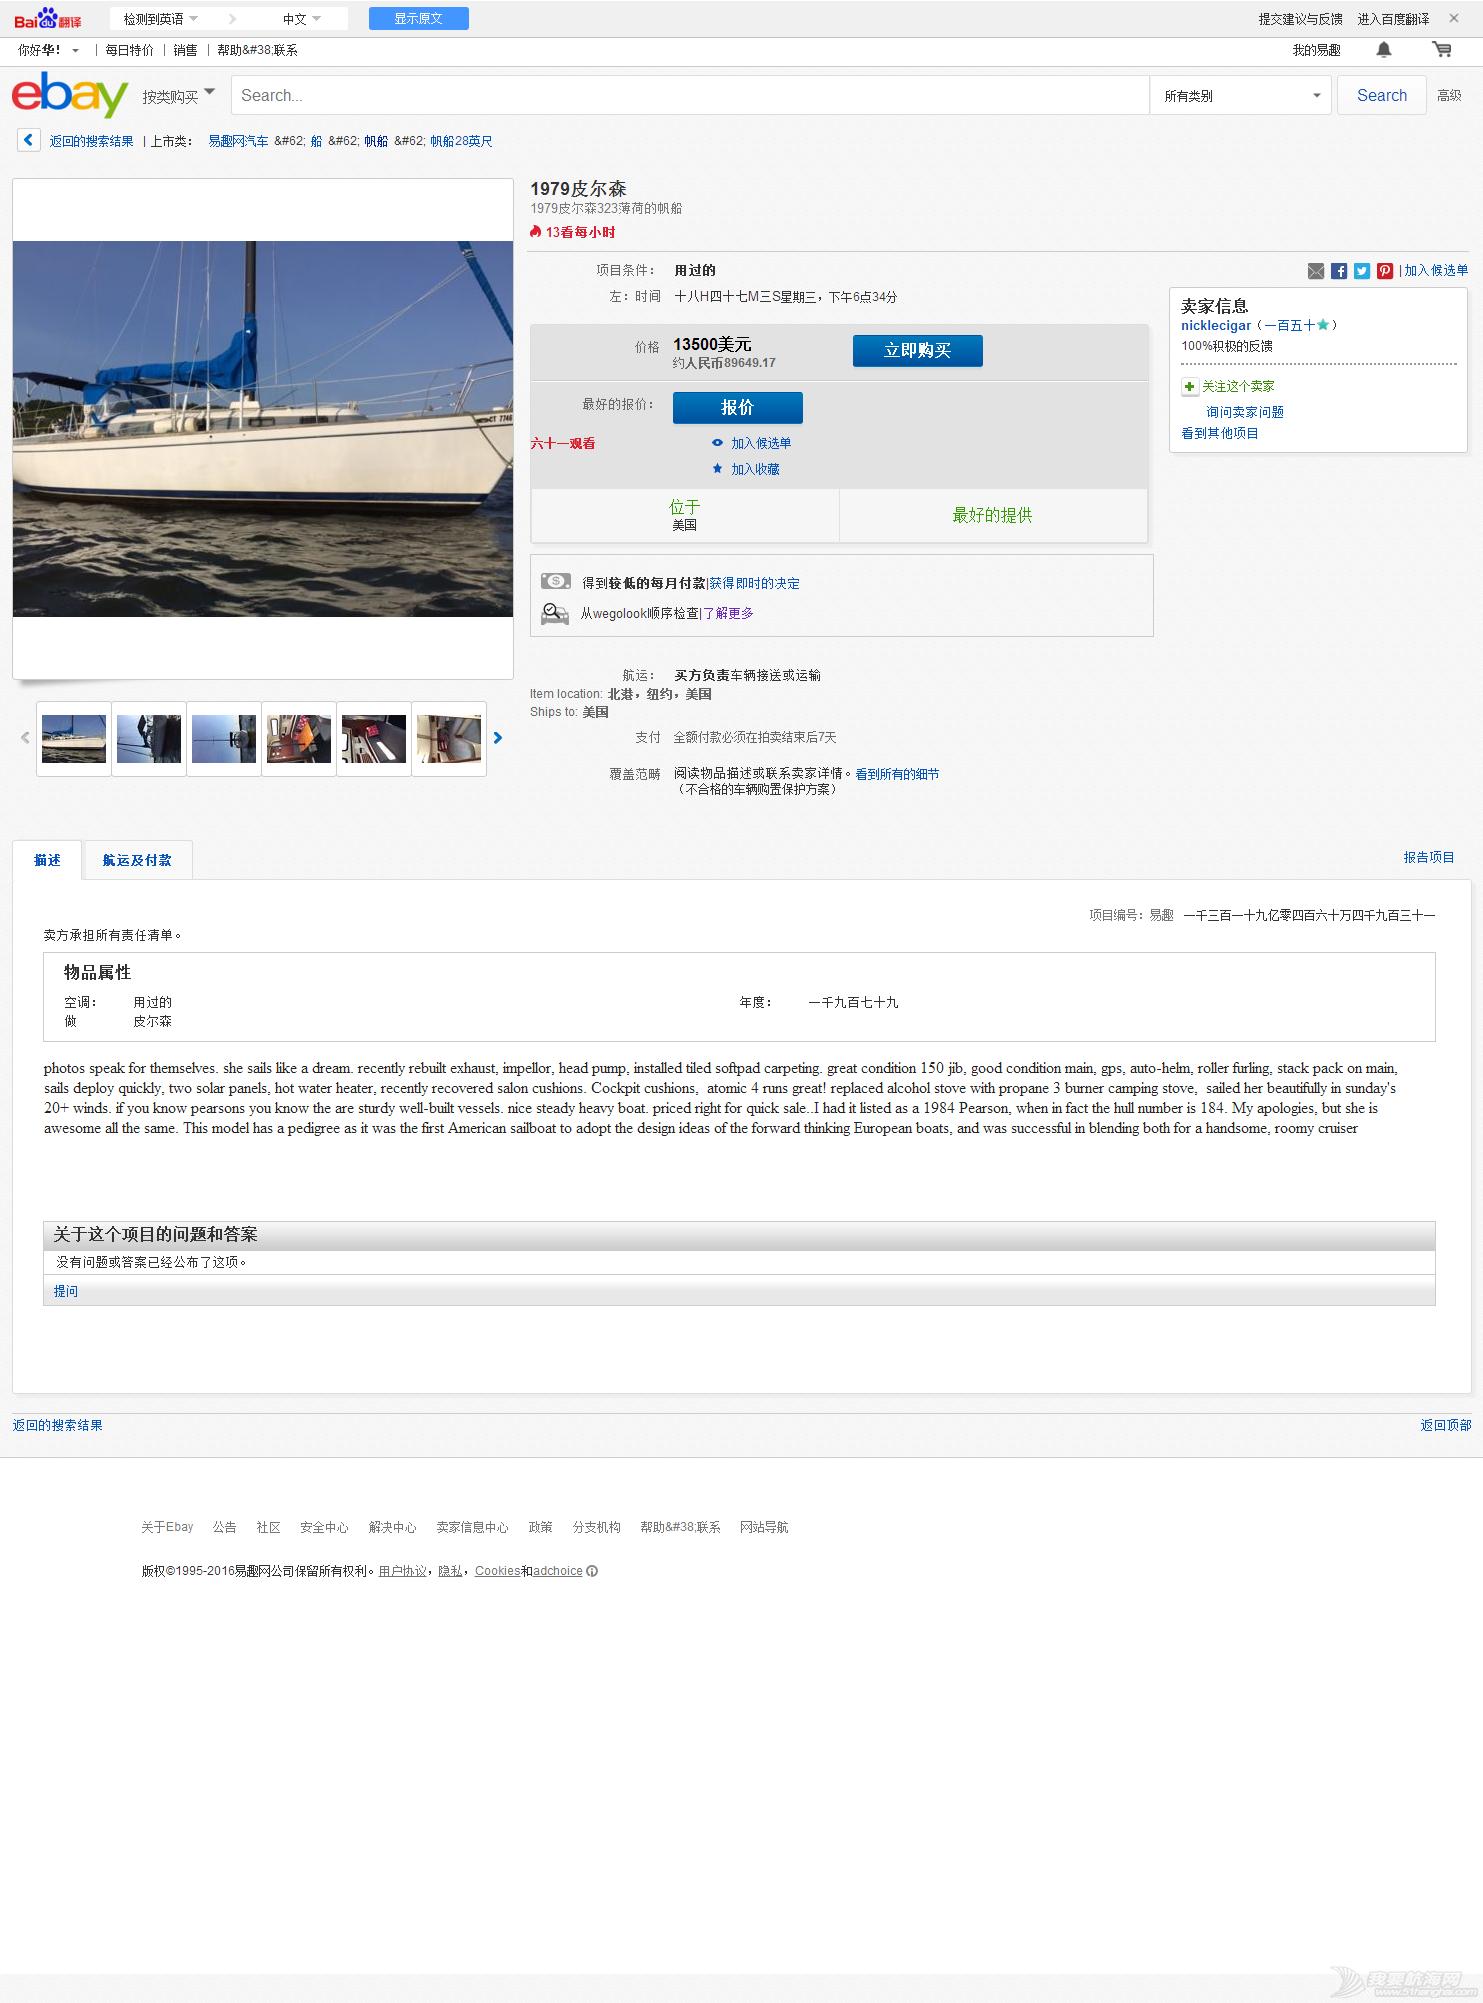 1979皮尔森323薄荷帆船易趣网.png